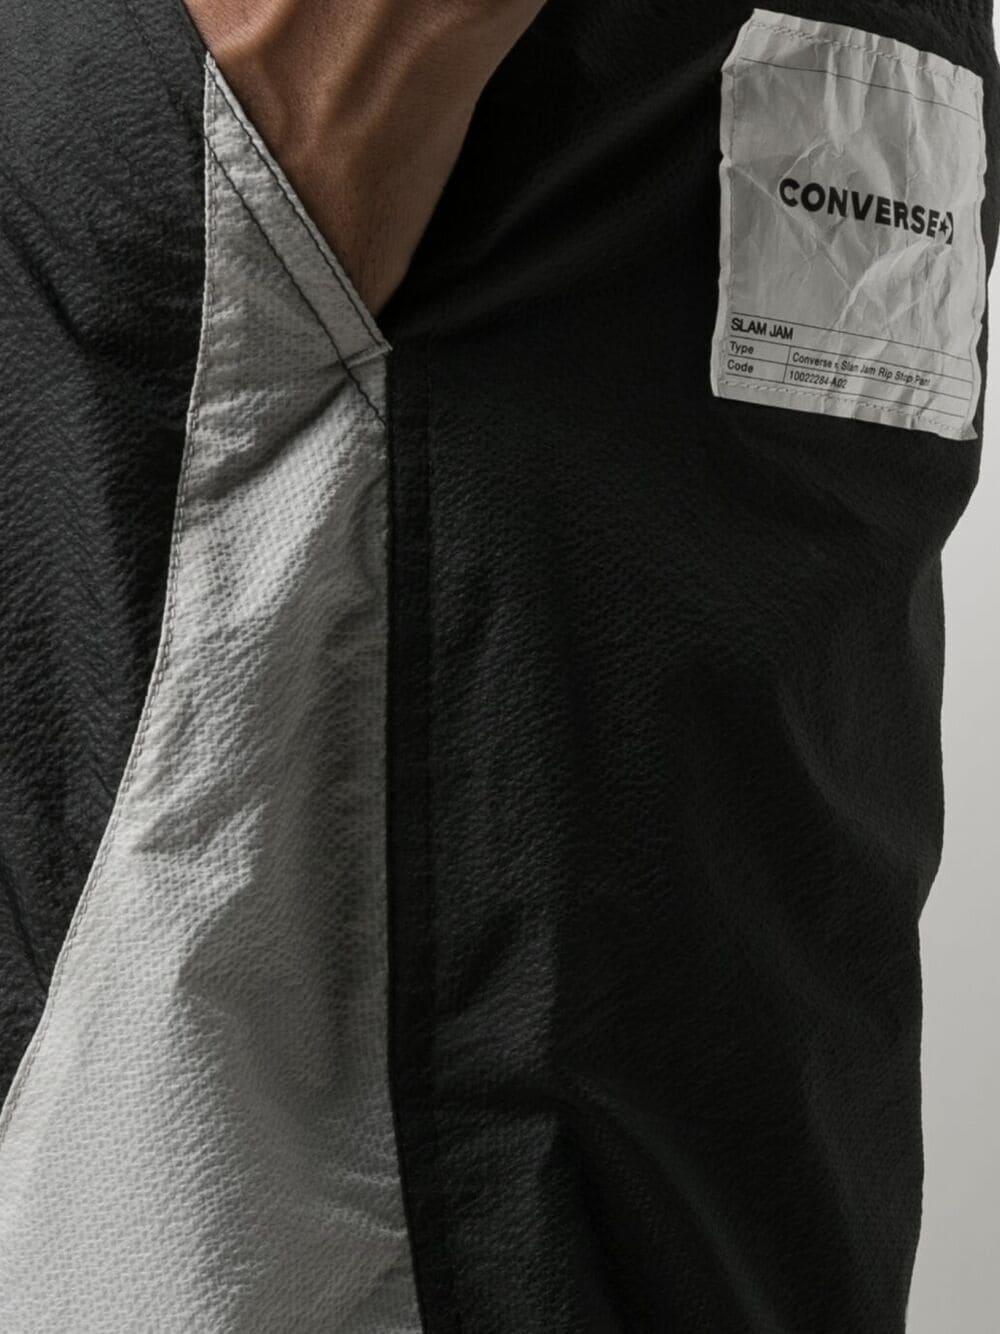 Converse X Slam Jam pantaloni ripstop uomo nero CONVERSE X SLAM JAM | Pantaloni | 10022284-A02PBK